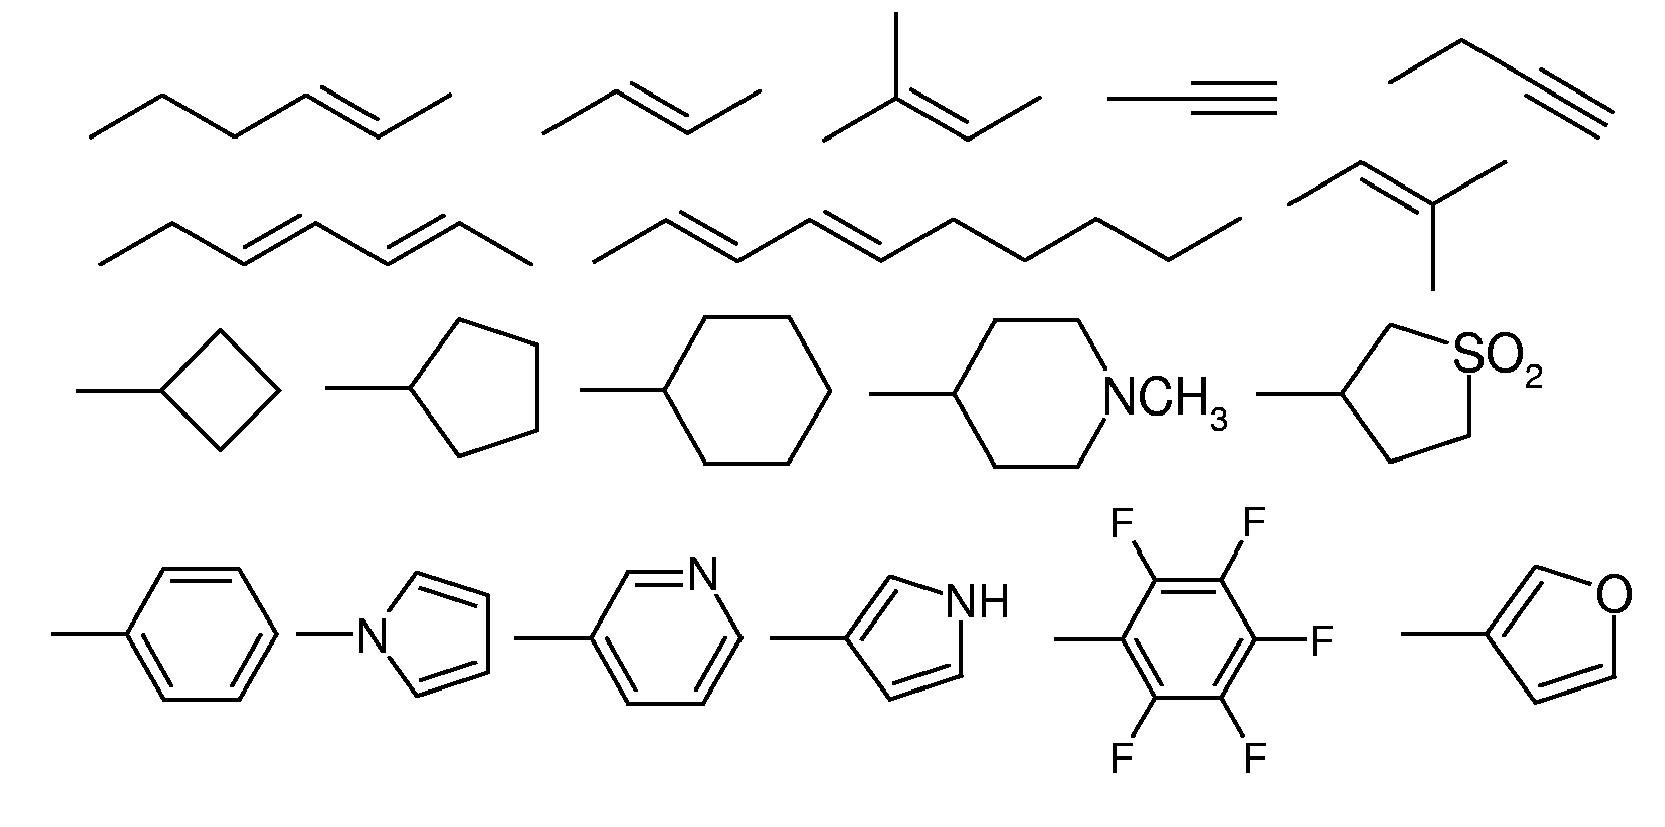 -S-C2H4-N C4H9 2  -OCF3   C2h4 Structural Formula